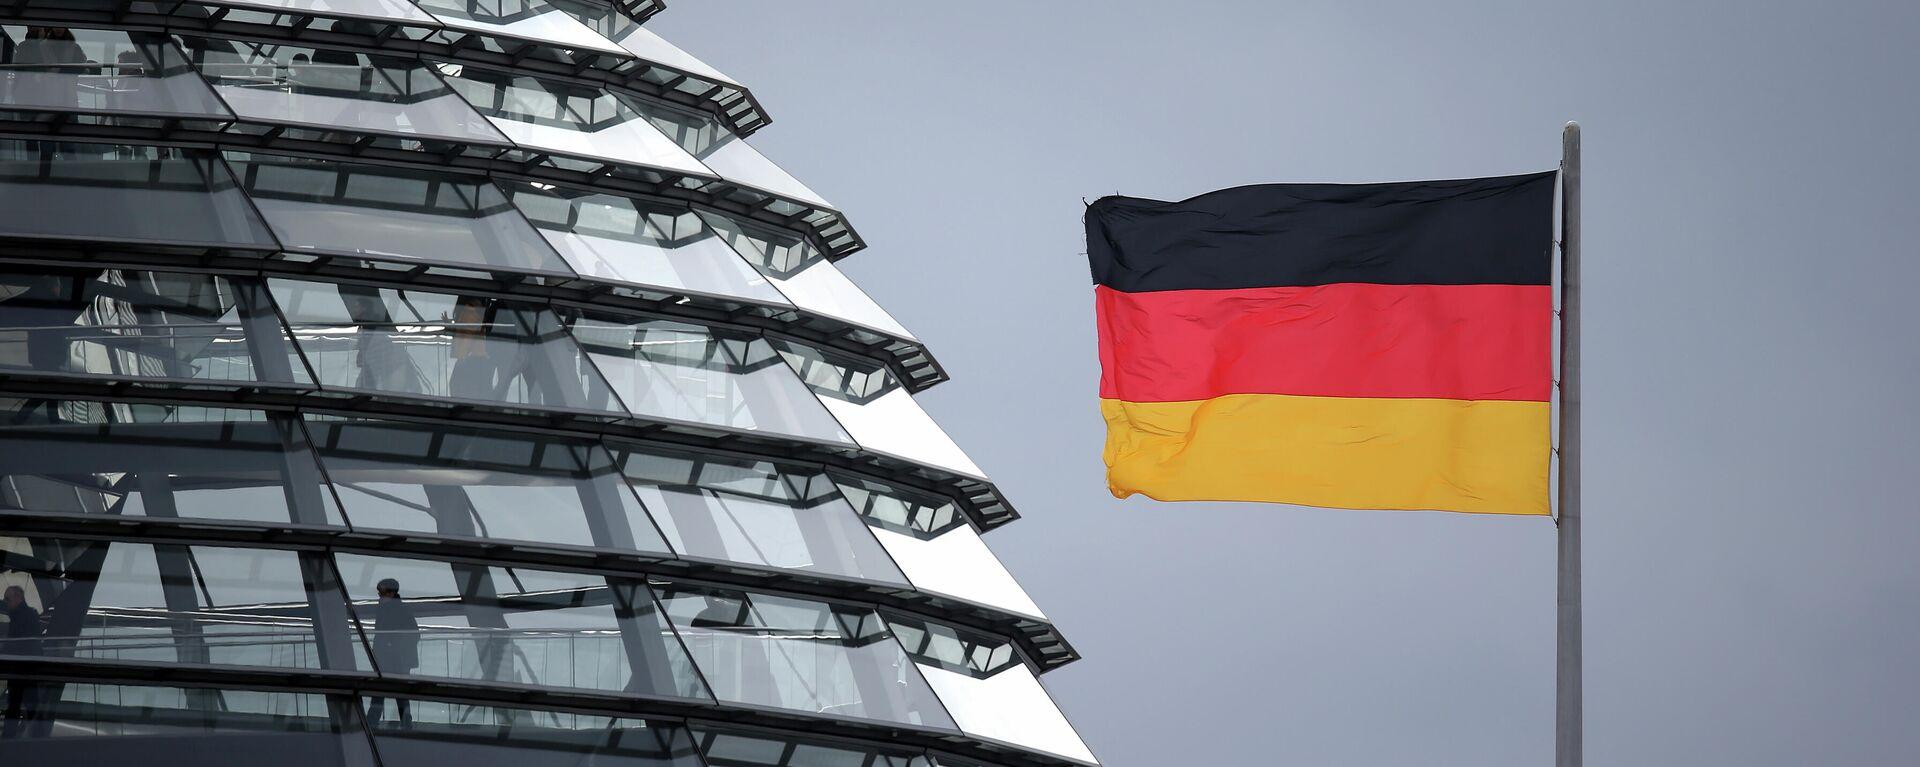 Eine deutsche Flagge weht neben der Kuppel des Reichstagsgebäudes in Berlin, Feb. 12, 2020 - SNA, 1920, 15.02.2021